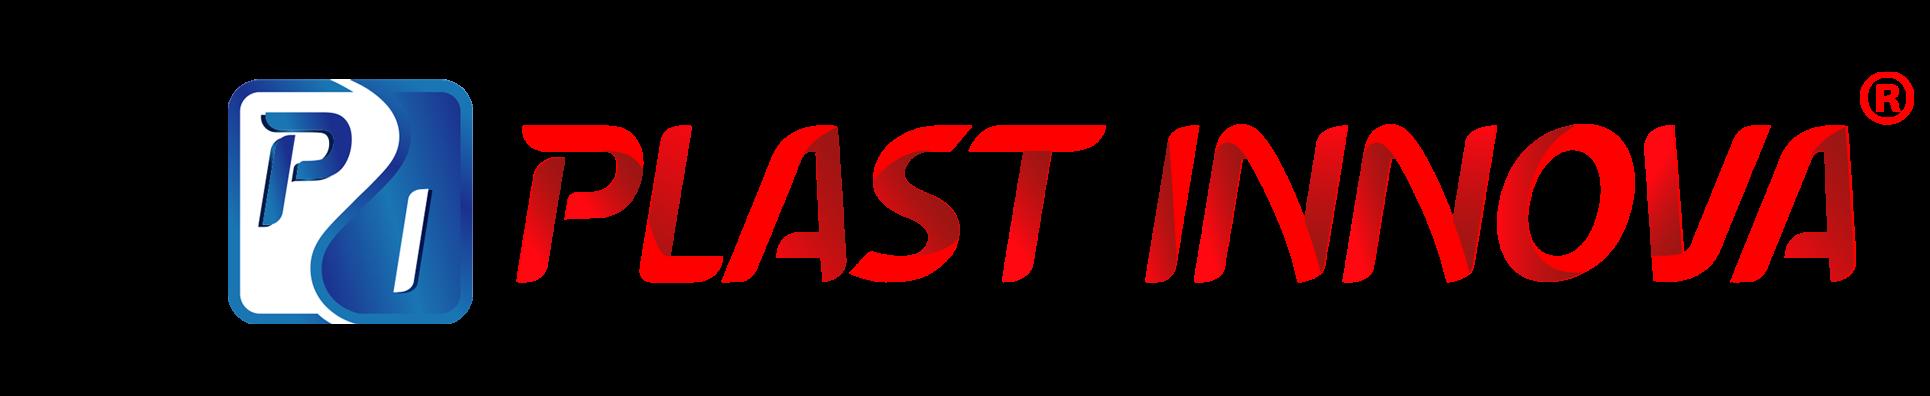 PLAST INNOVA S.A